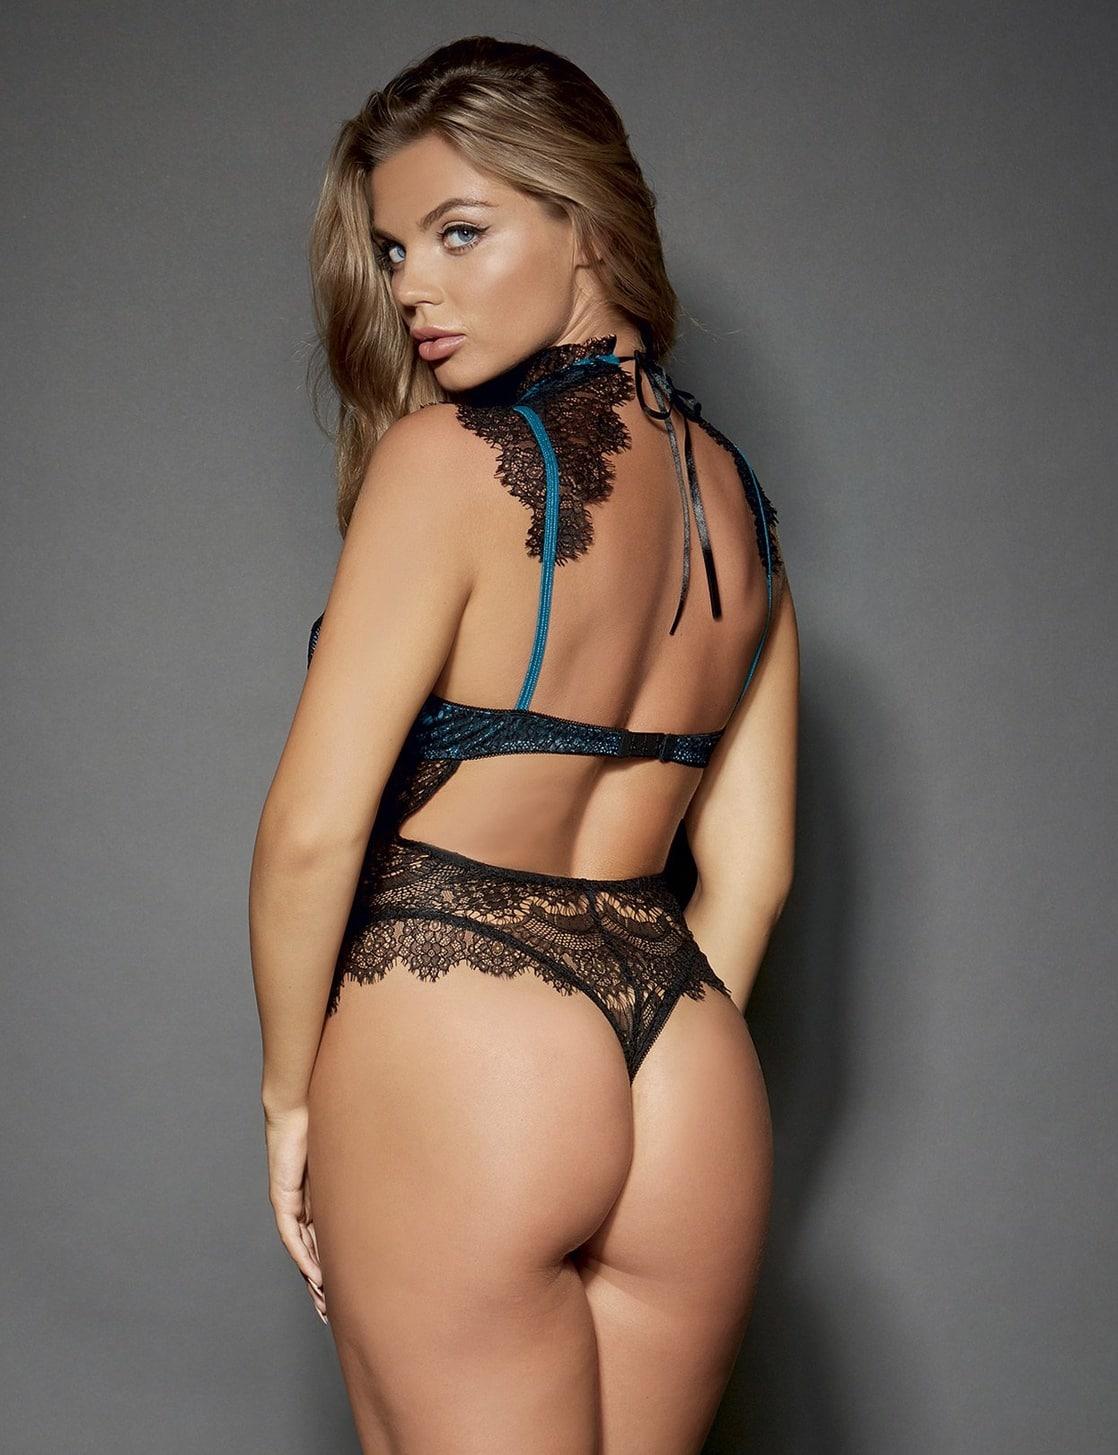 Anastasia Nova nudes (54 fotos), pictures Sideboobs, YouTube, see through 2015